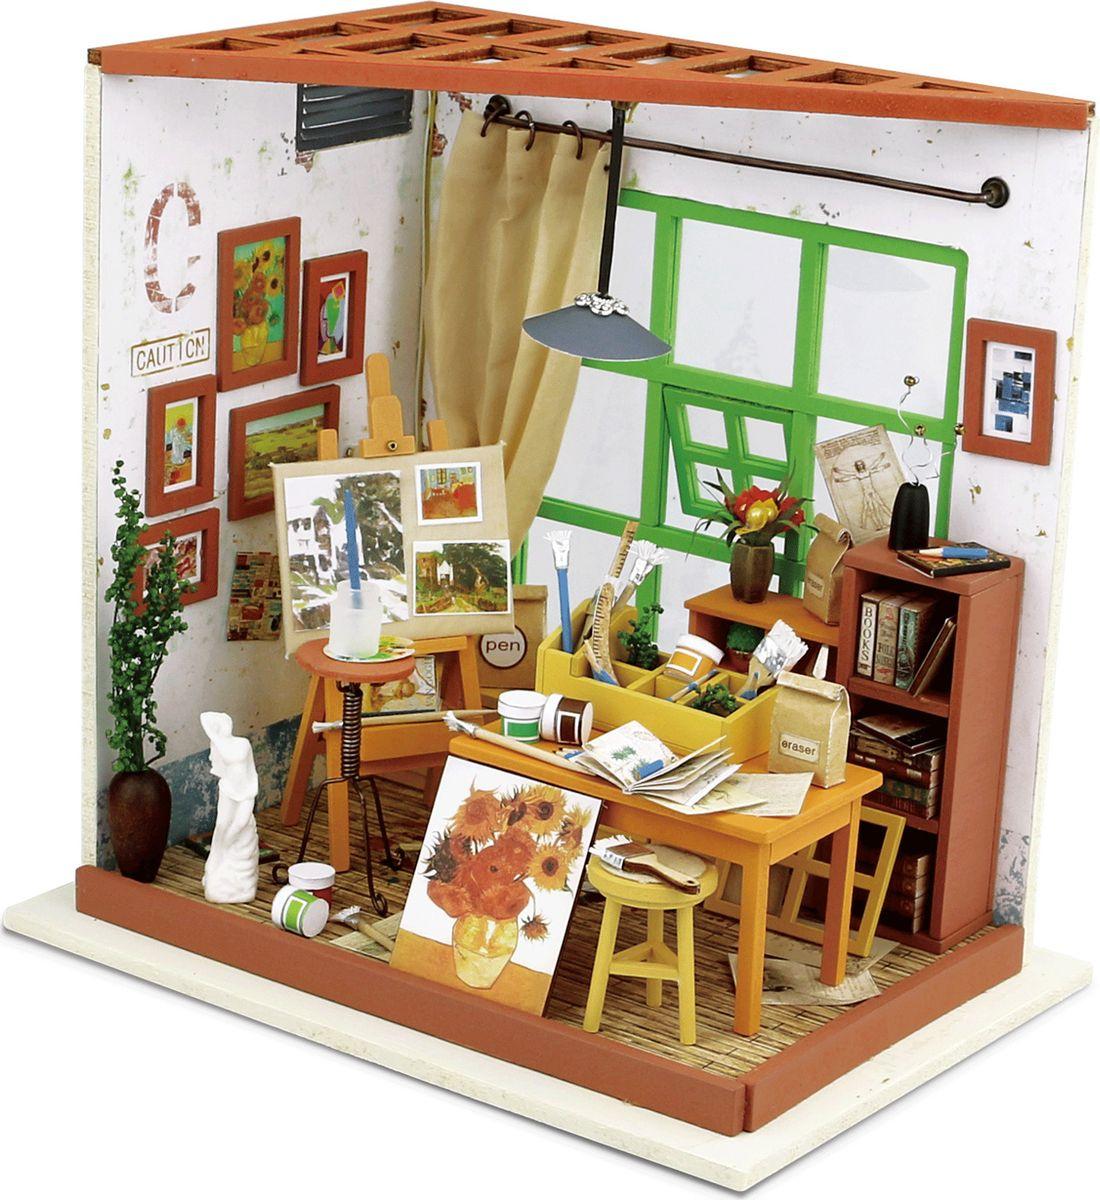 DIY Интерьерный конструктор для творчества  Ada's studio  (студия) - Конструкторы